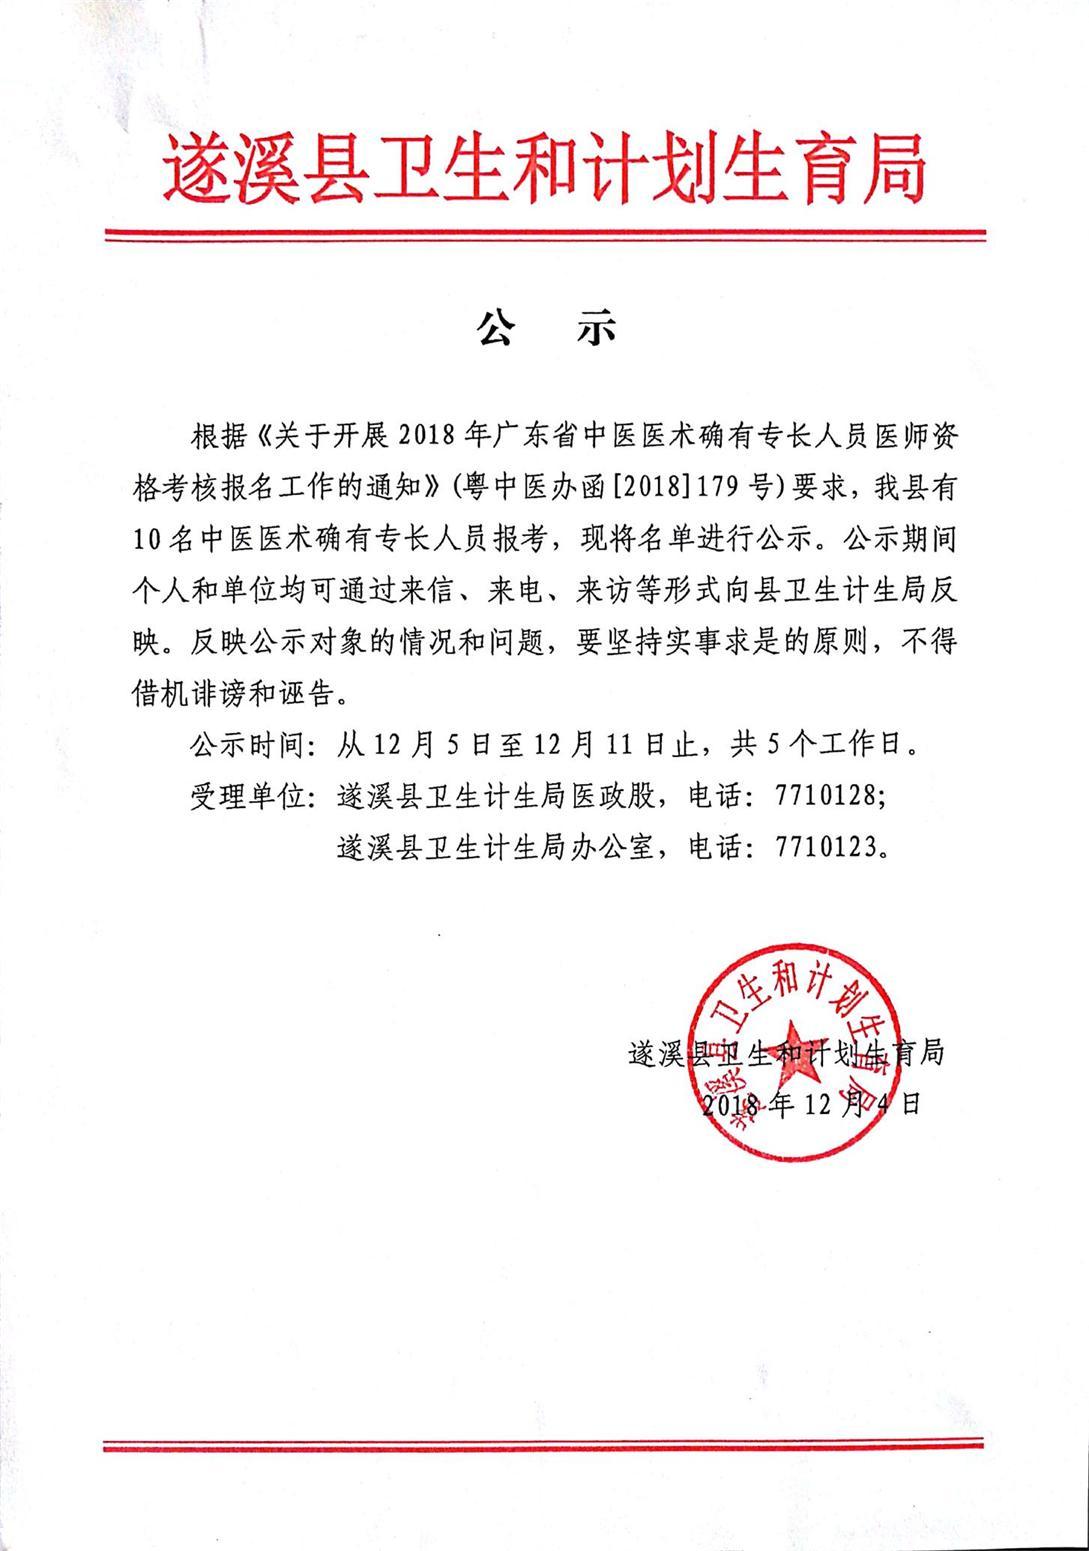 2018年遂溪县报考广东省中医医术确有专长人员医师资格考核人员信息公示